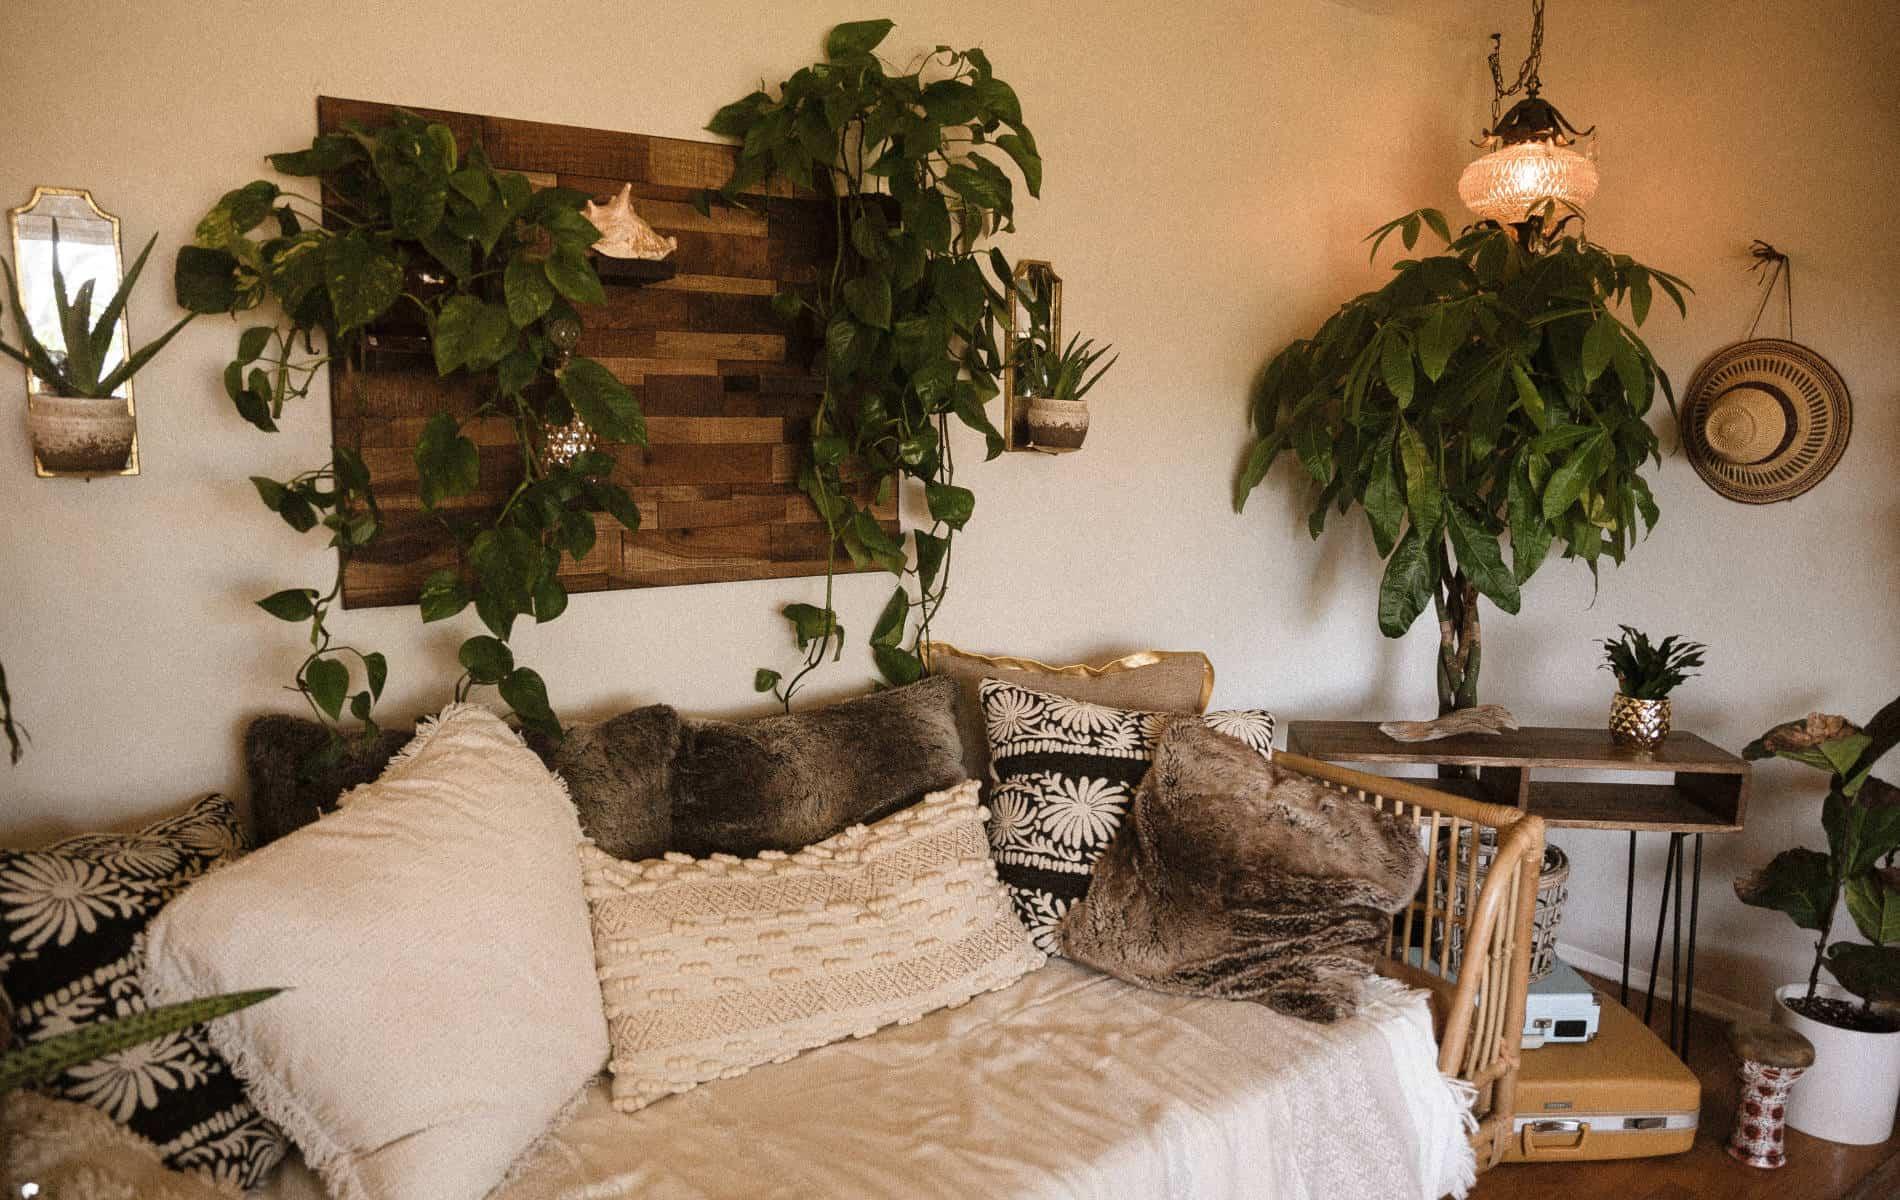 Zimmerpflanzen für eine Wohlfühloase daheim - Biohacking Bad Dürrheim